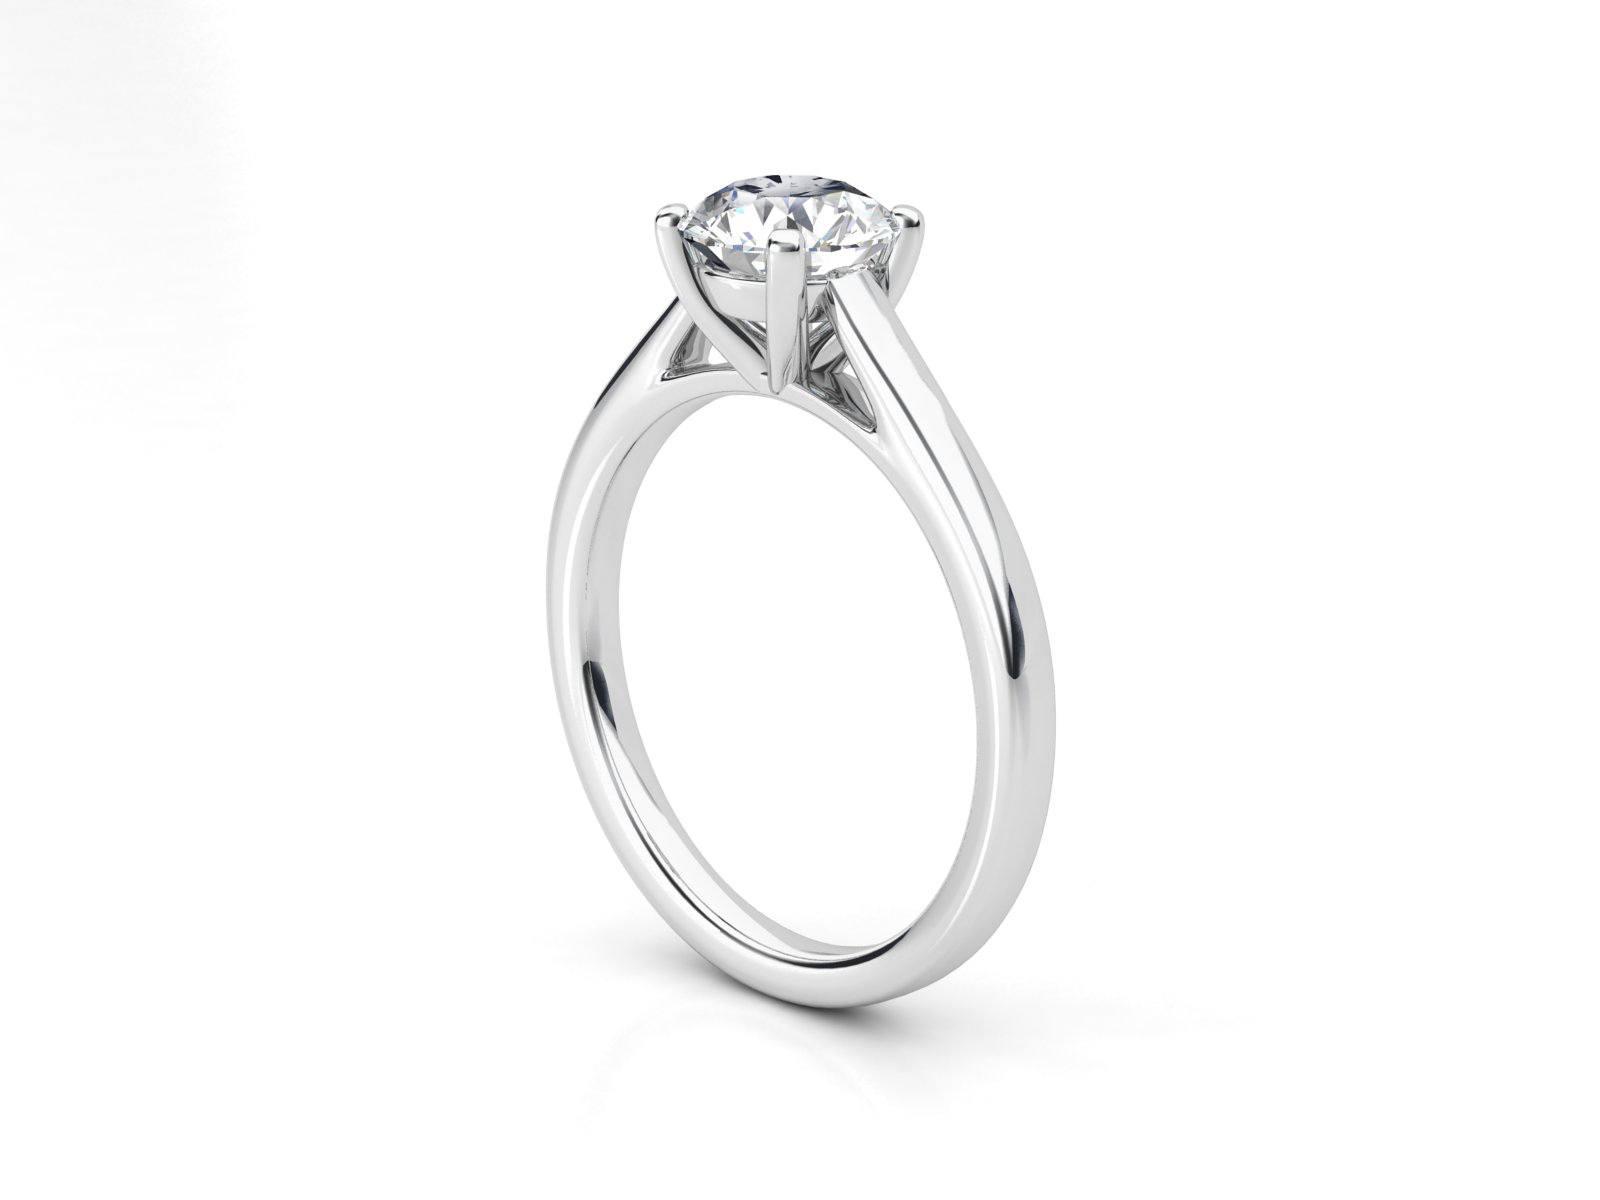 טבעת אירוסין סוליטר קתדרלה 2